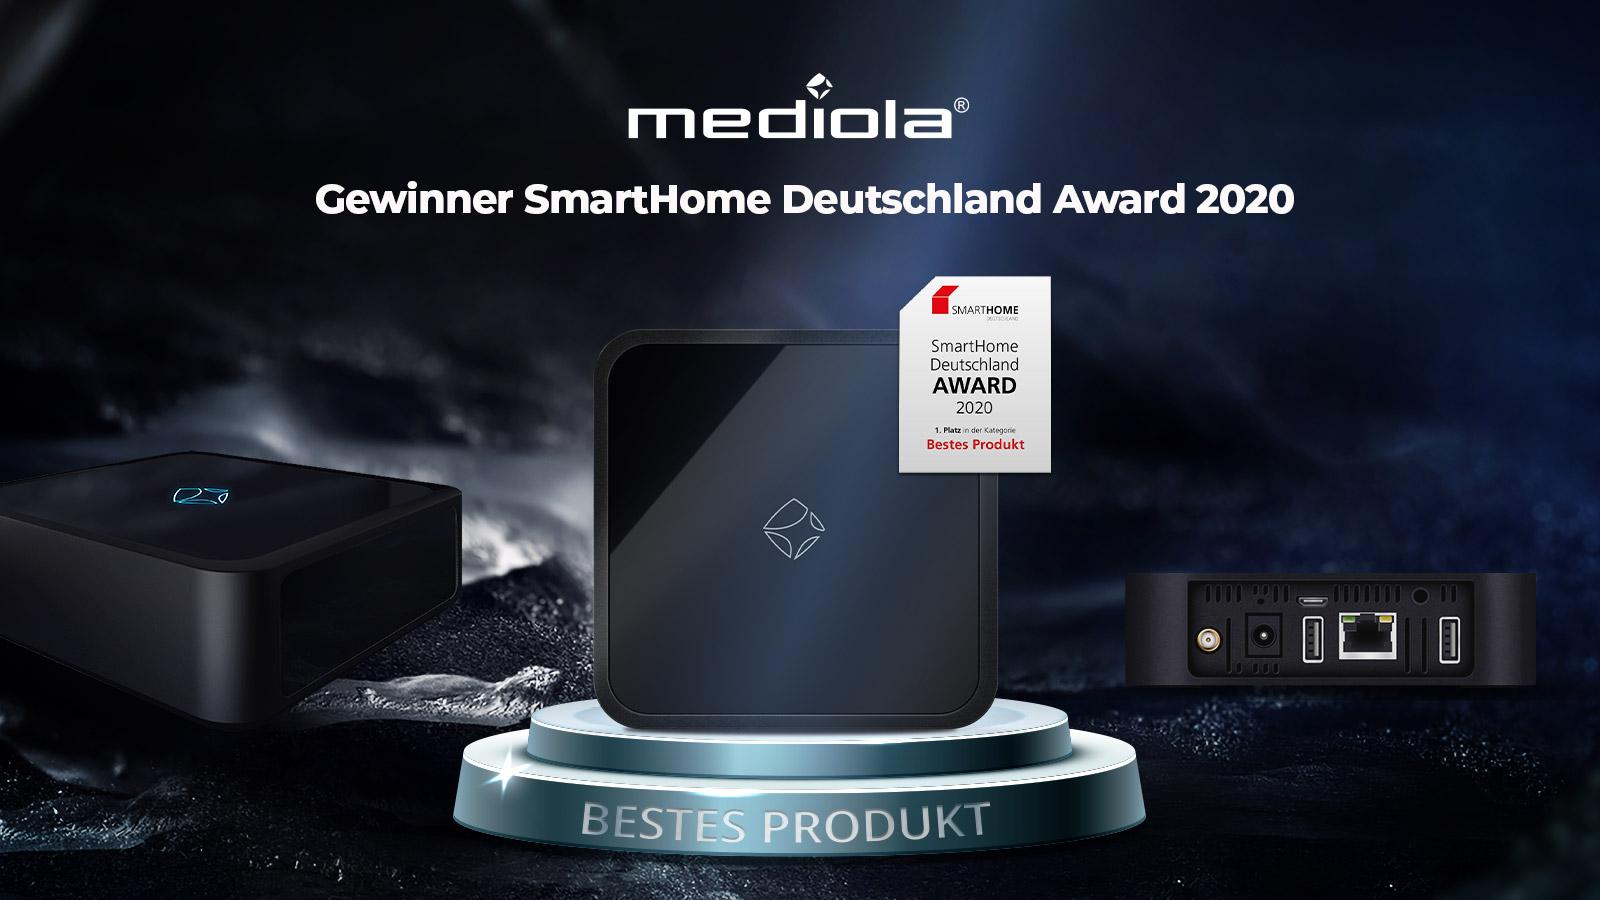 mediola gewinnt SmartHome Deutschland Award 2020 in der Kategorie Bestes Produkt